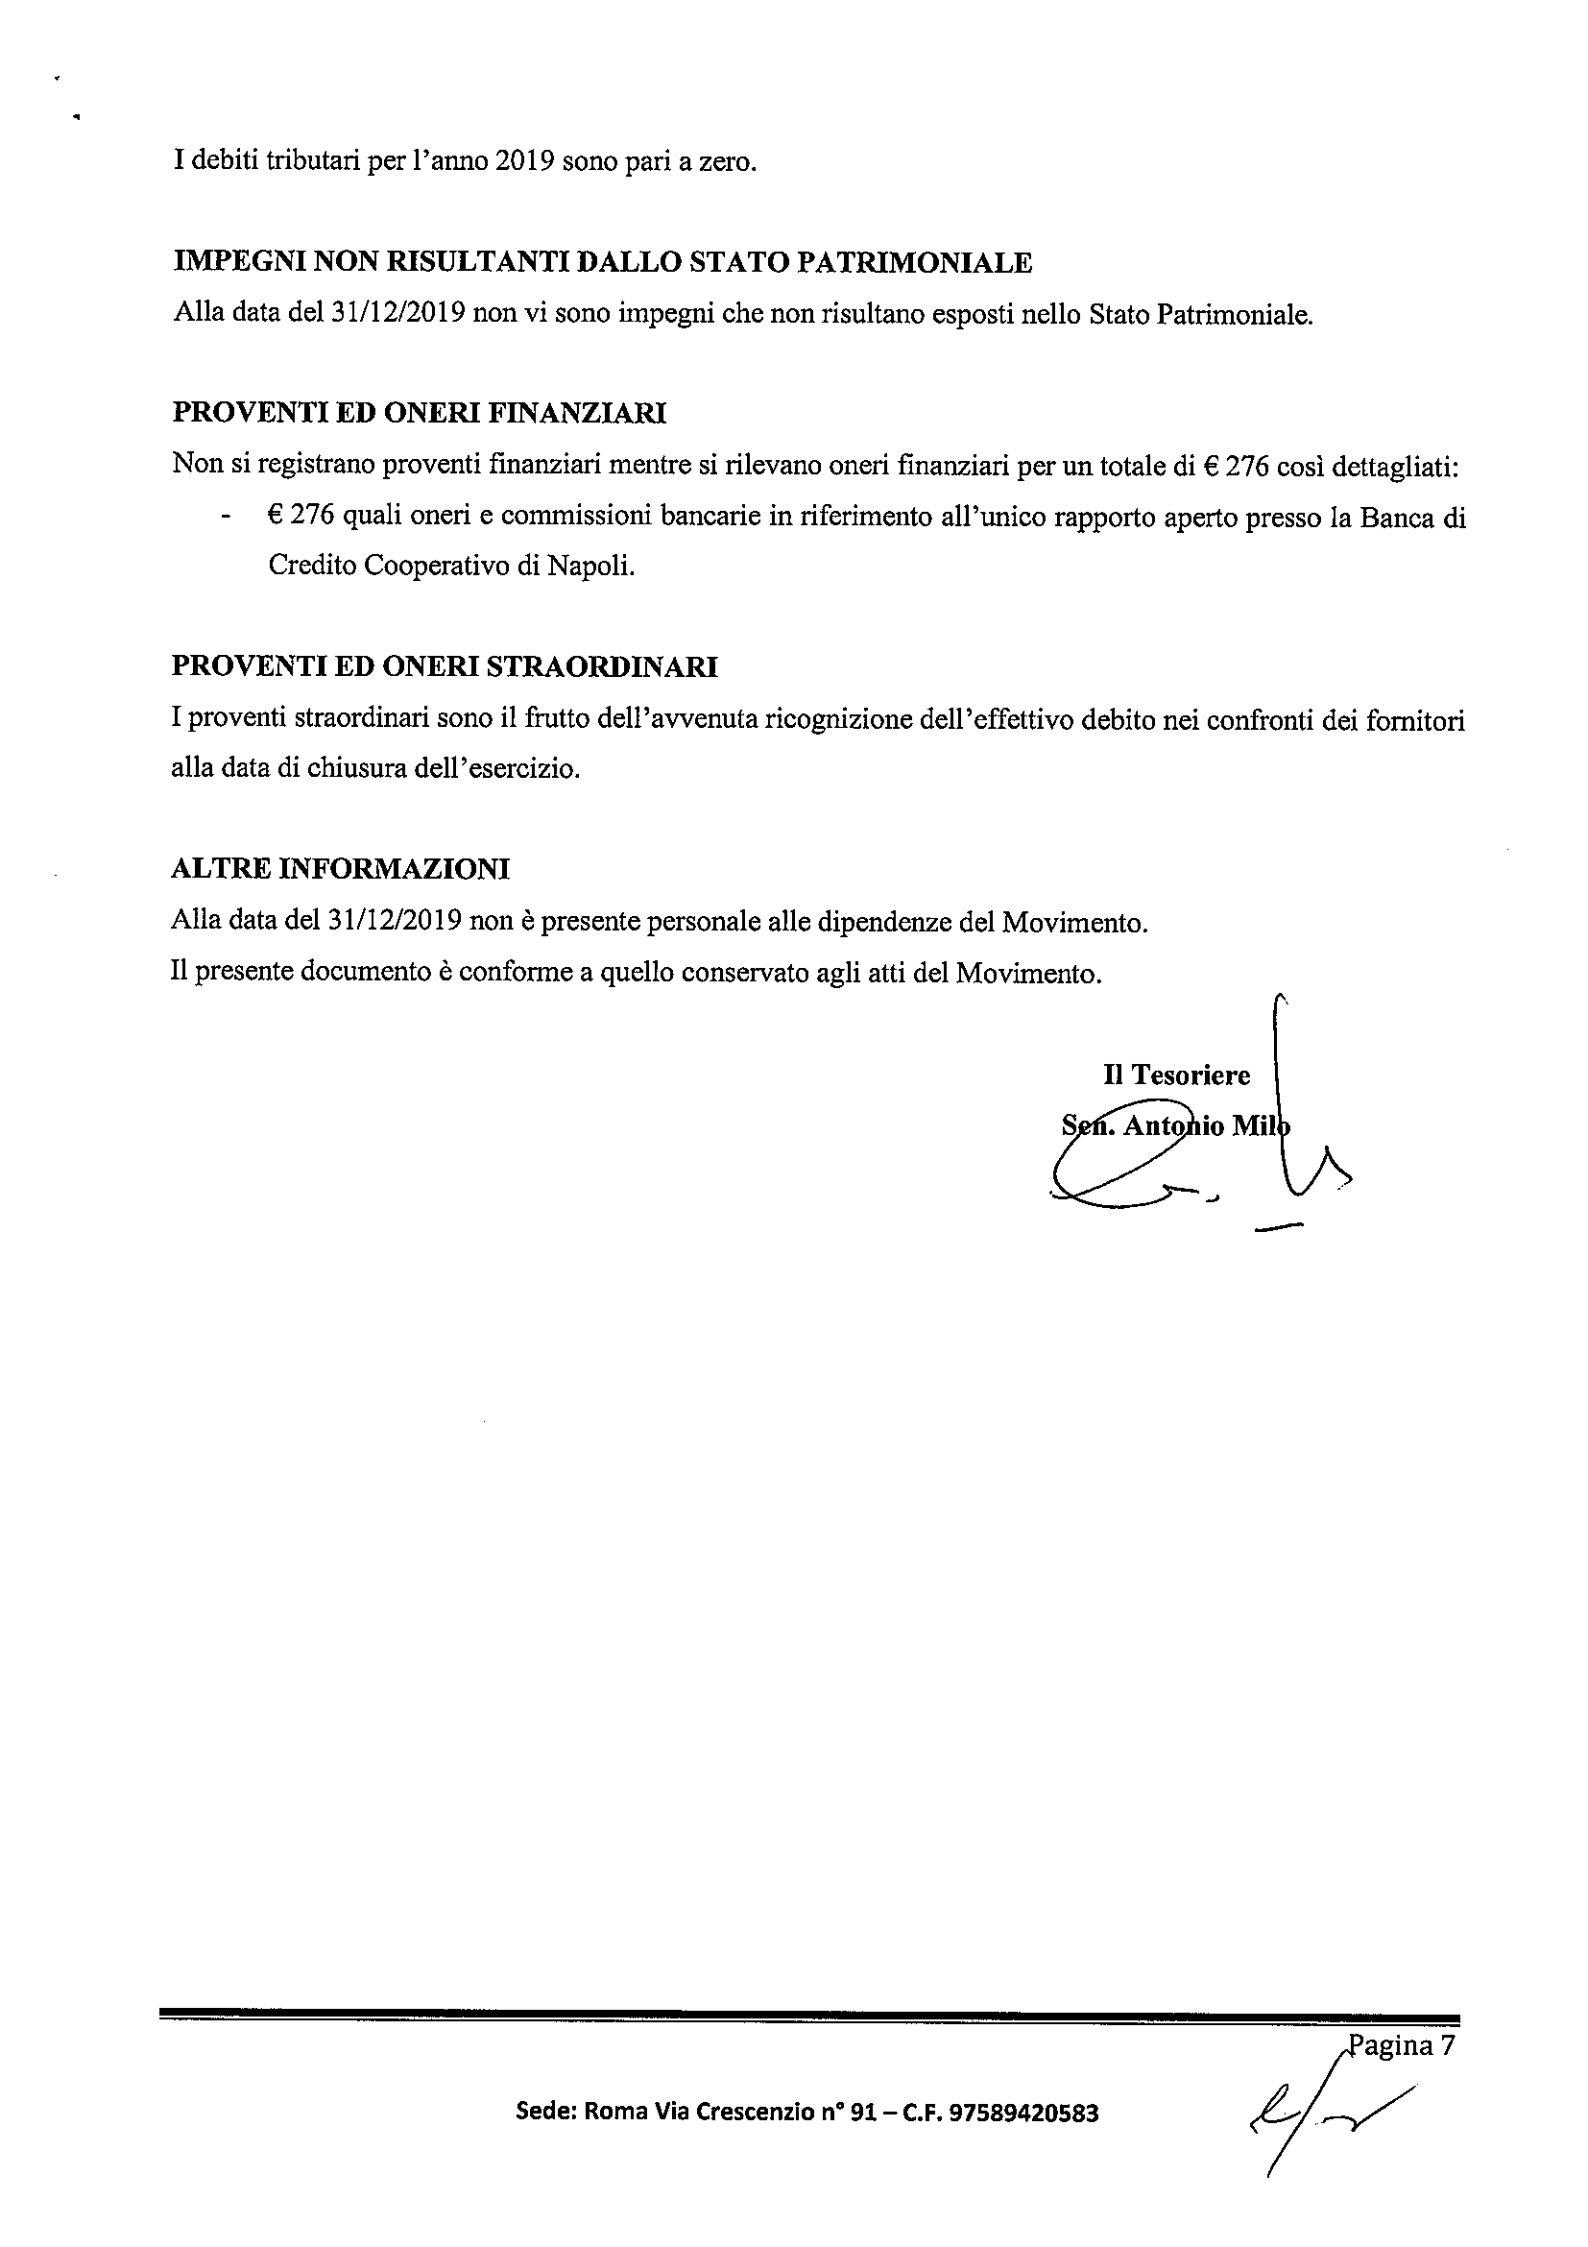 7-RENDICONTO-DELL'ESERCIZIO-AL-31